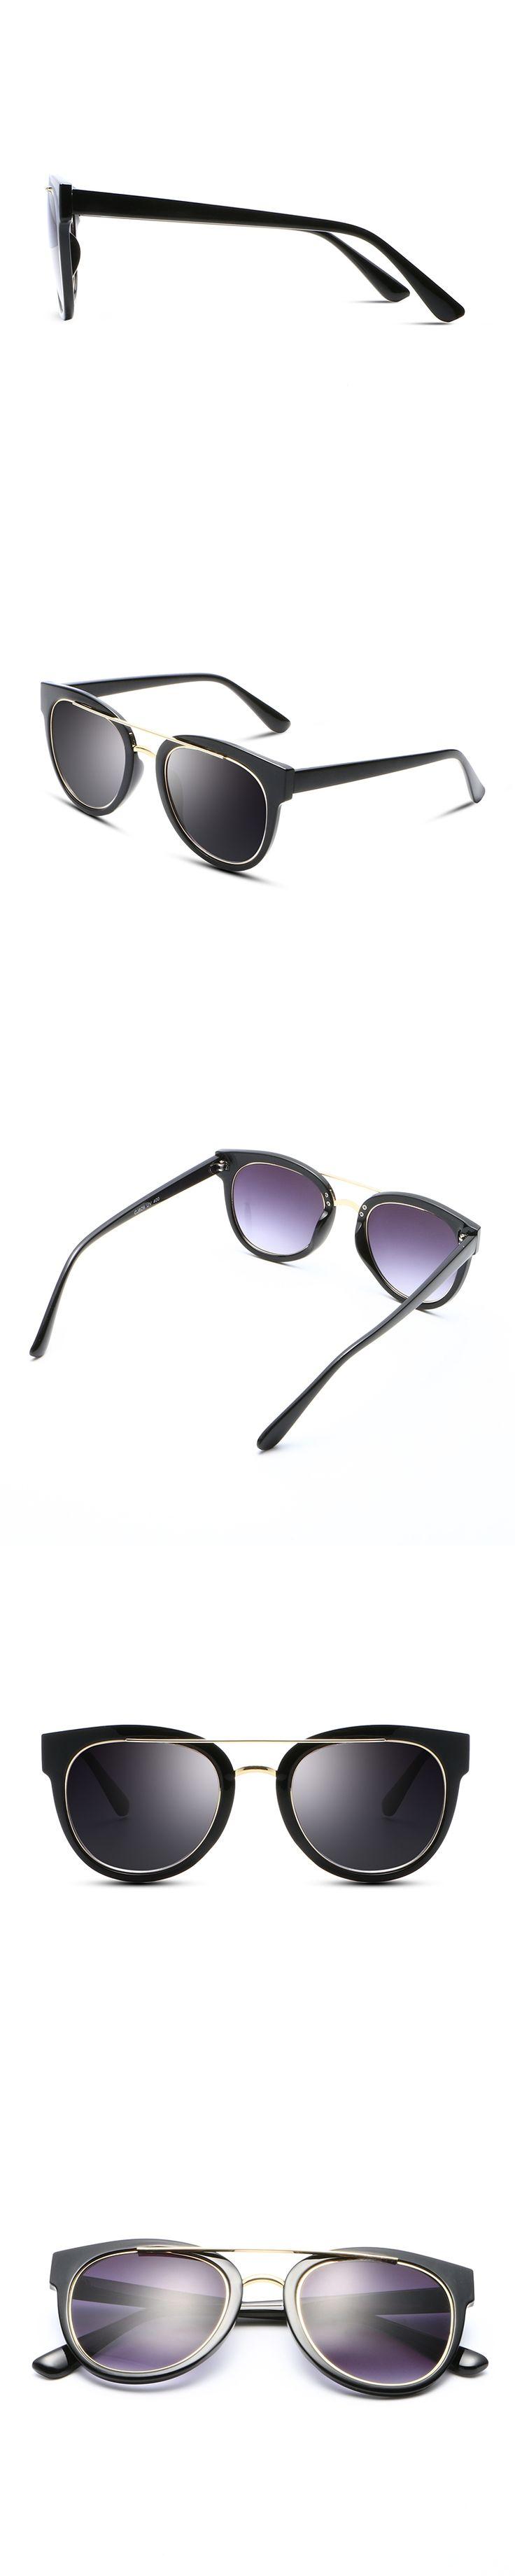 High Quality Design Brand Sunglasses Women 2017 Vintage zonnenbrillen Men Steampunk flat lens glasses lente de sol mujer